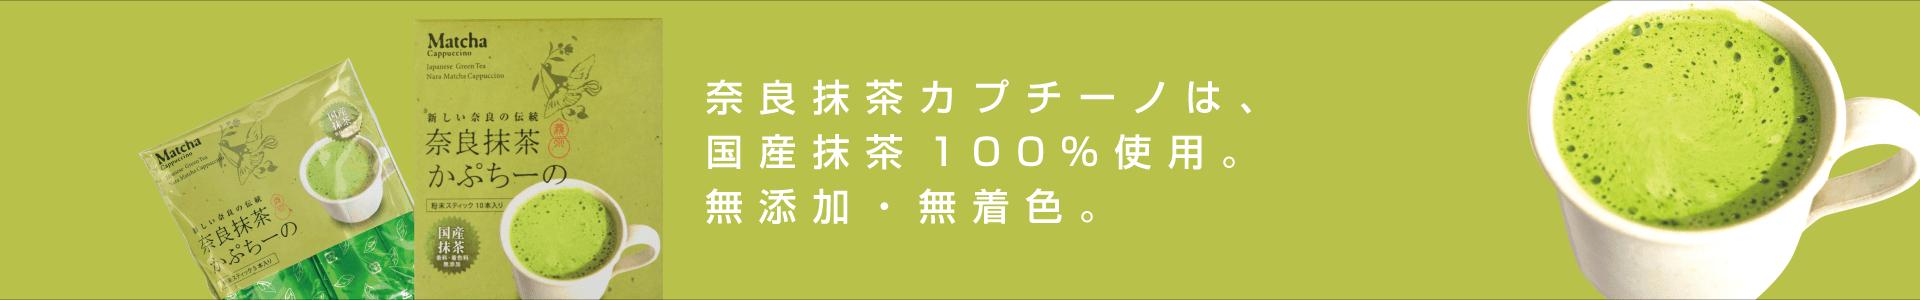 パーマリンク先: クリーミーな泡立ち。奈良抹茶かぷちーの